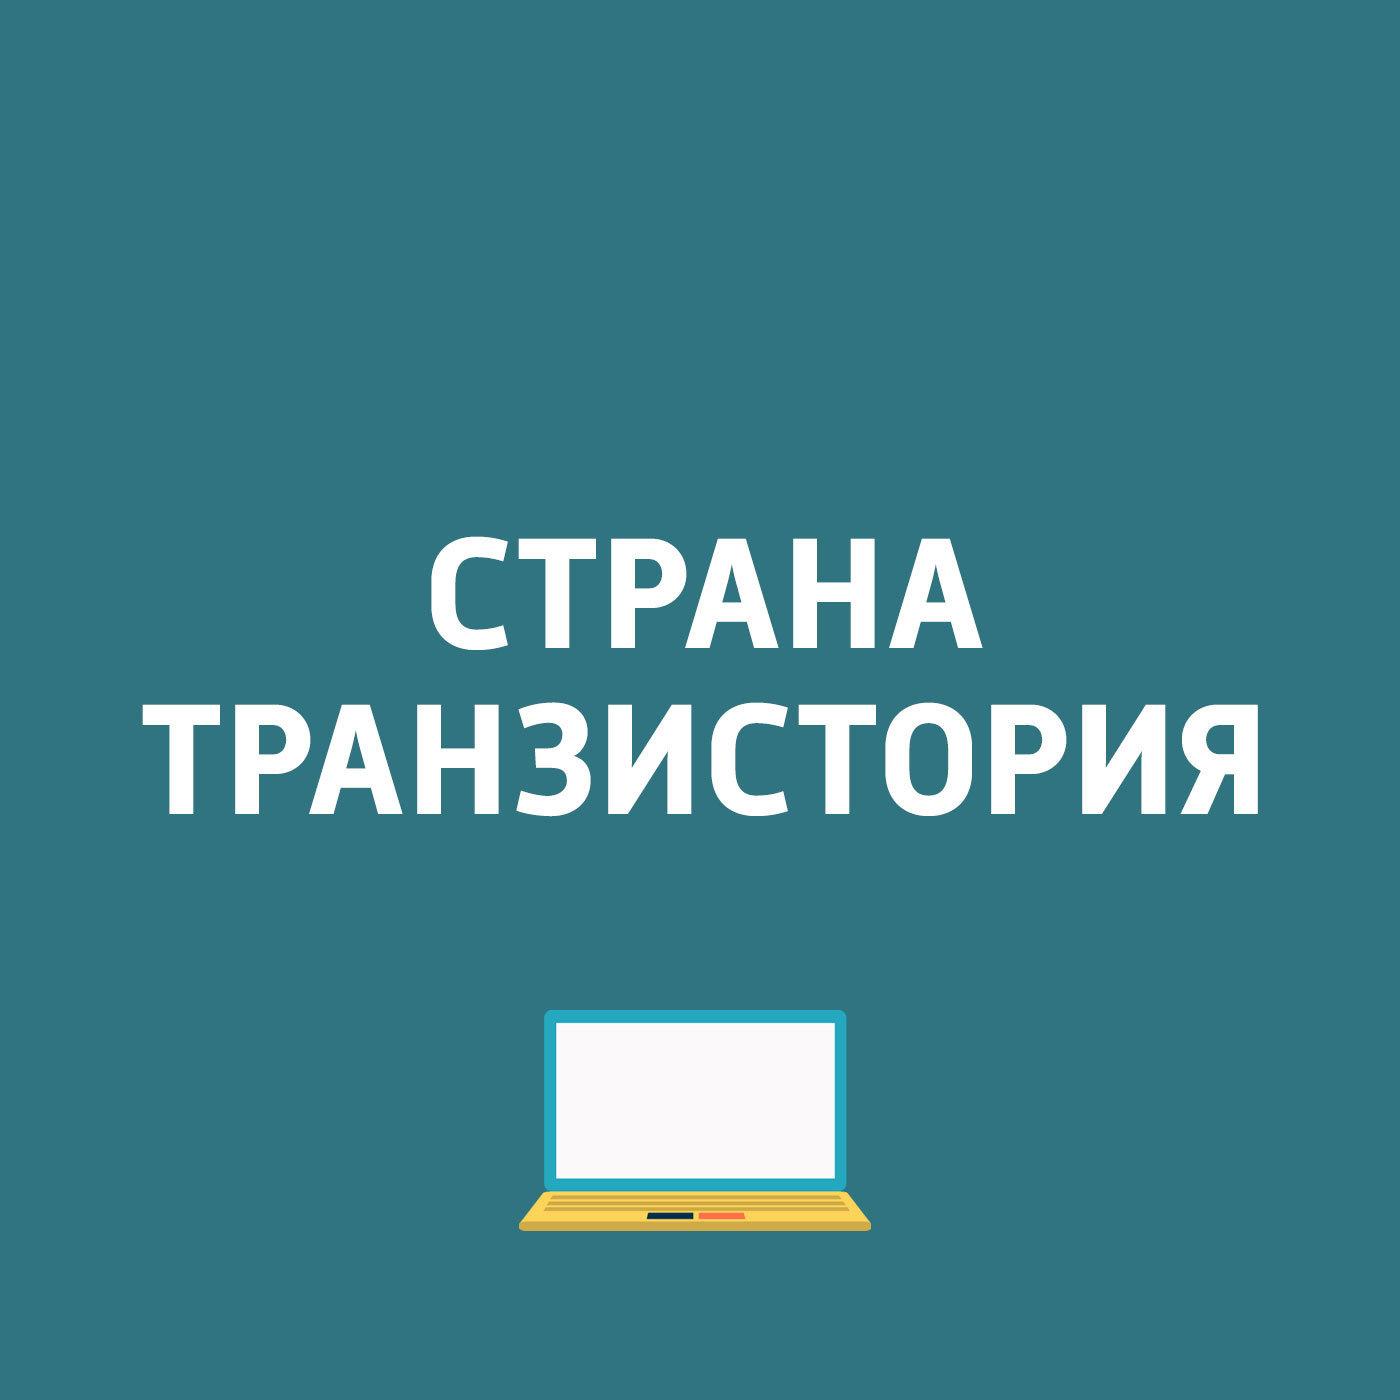 Картаев Павел Бесплатная Мобильная библиотека заработала на МЦК картаев павел девушкам нравятся любители салатов